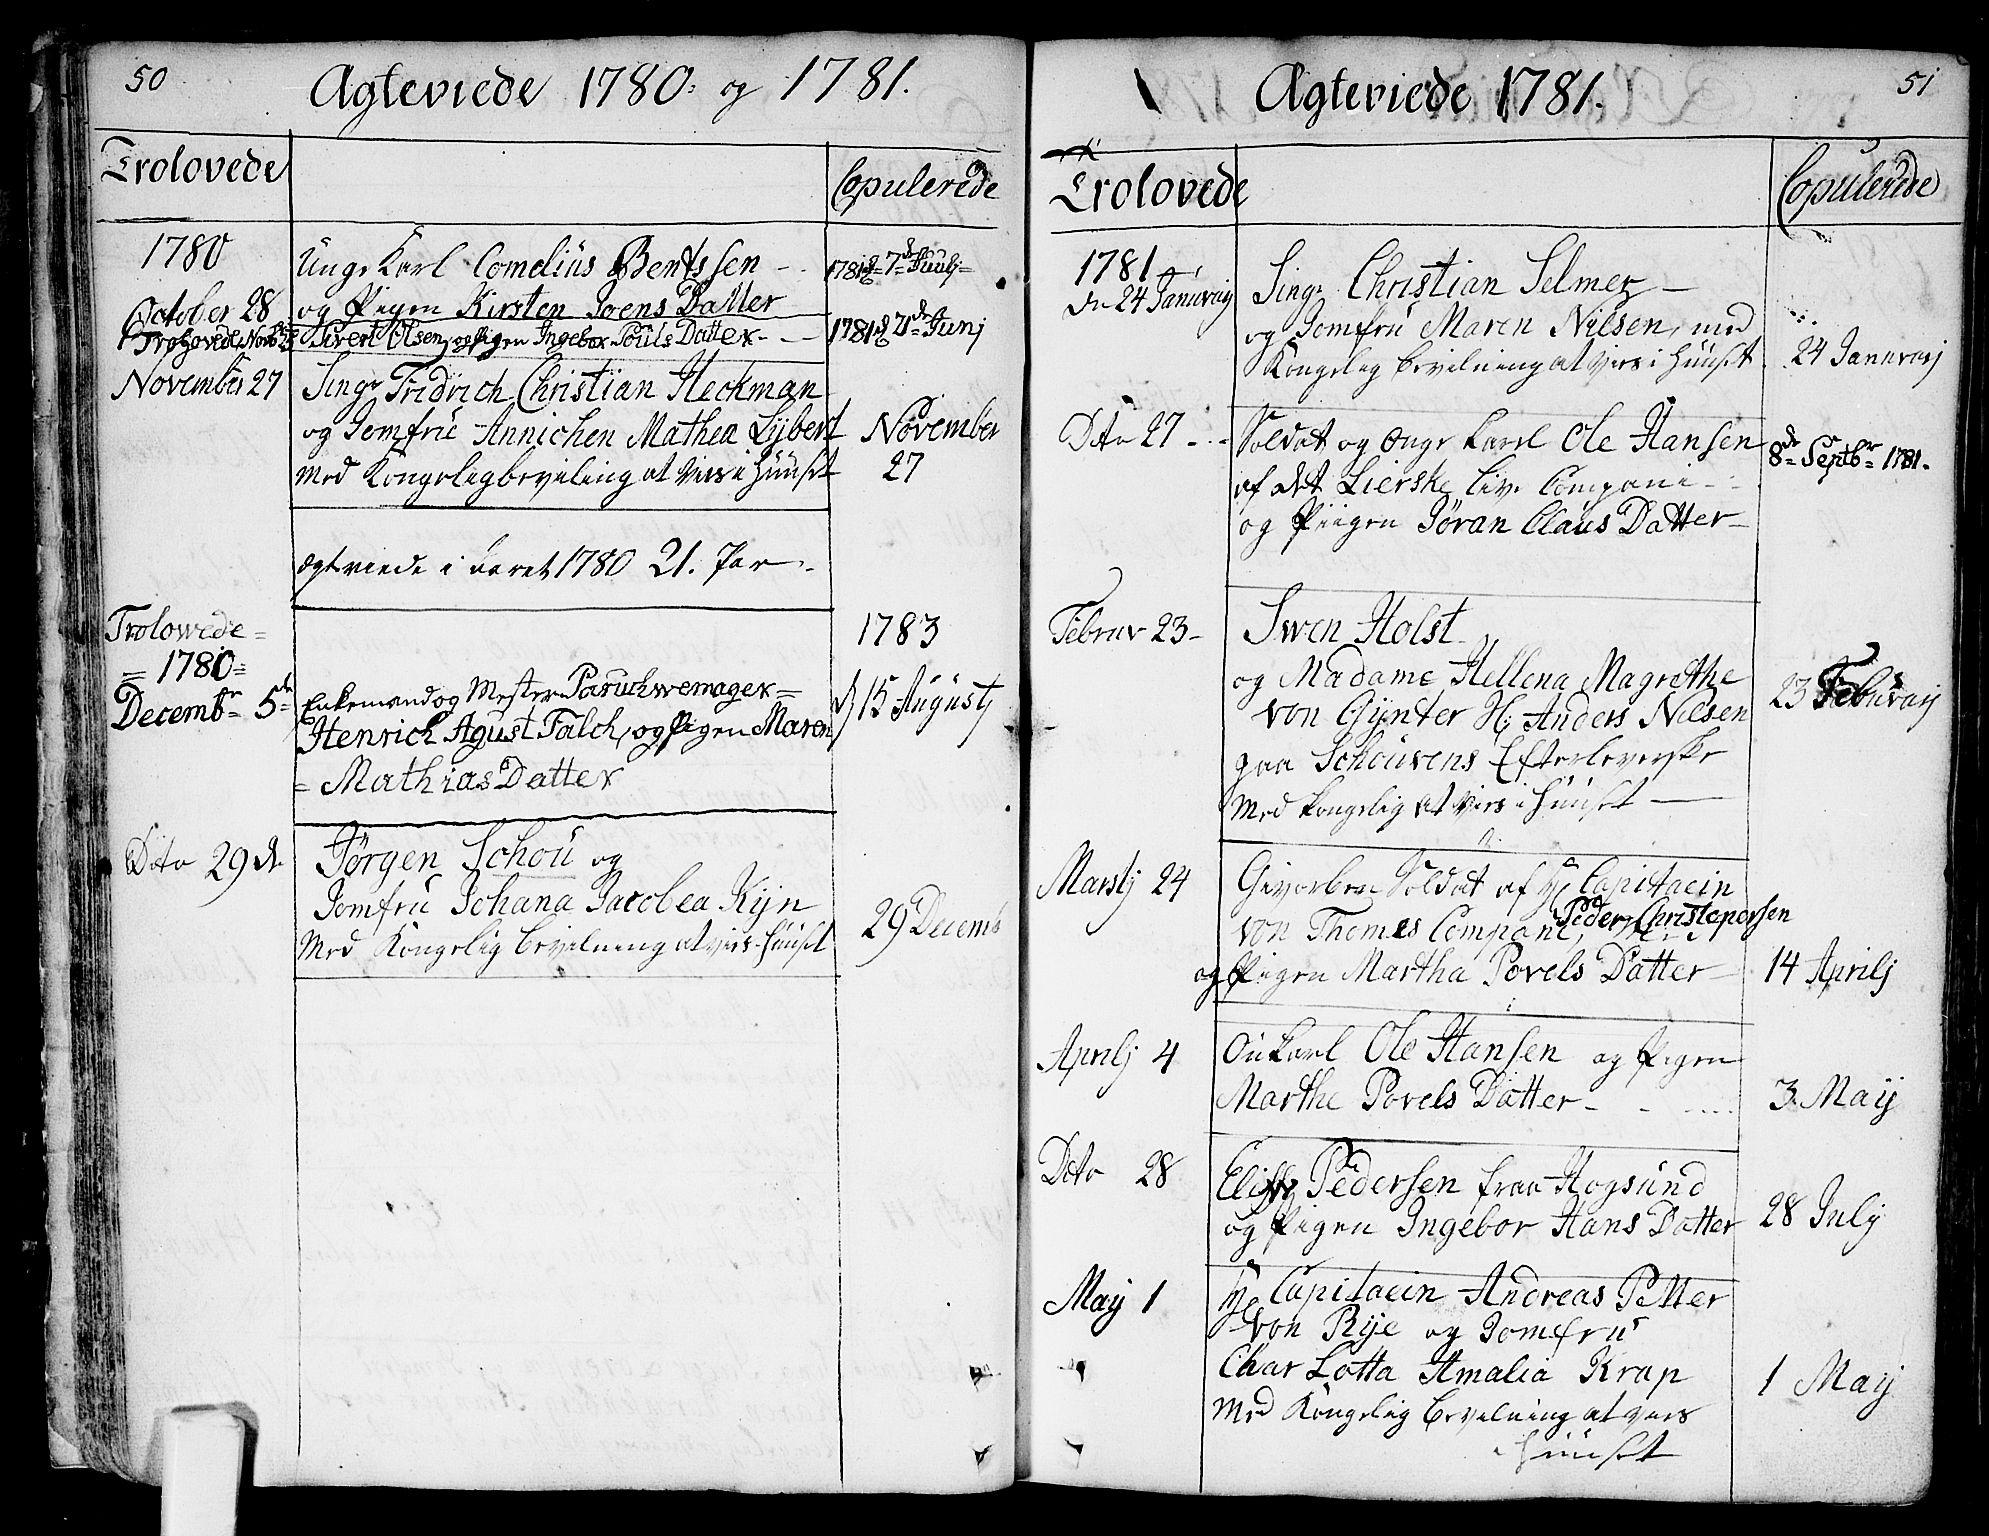 SAKO, Bragernes kirkebøker, F/Fa/L0005: Ministerialbok nr. I 5, 1759-1781, s. 50-51